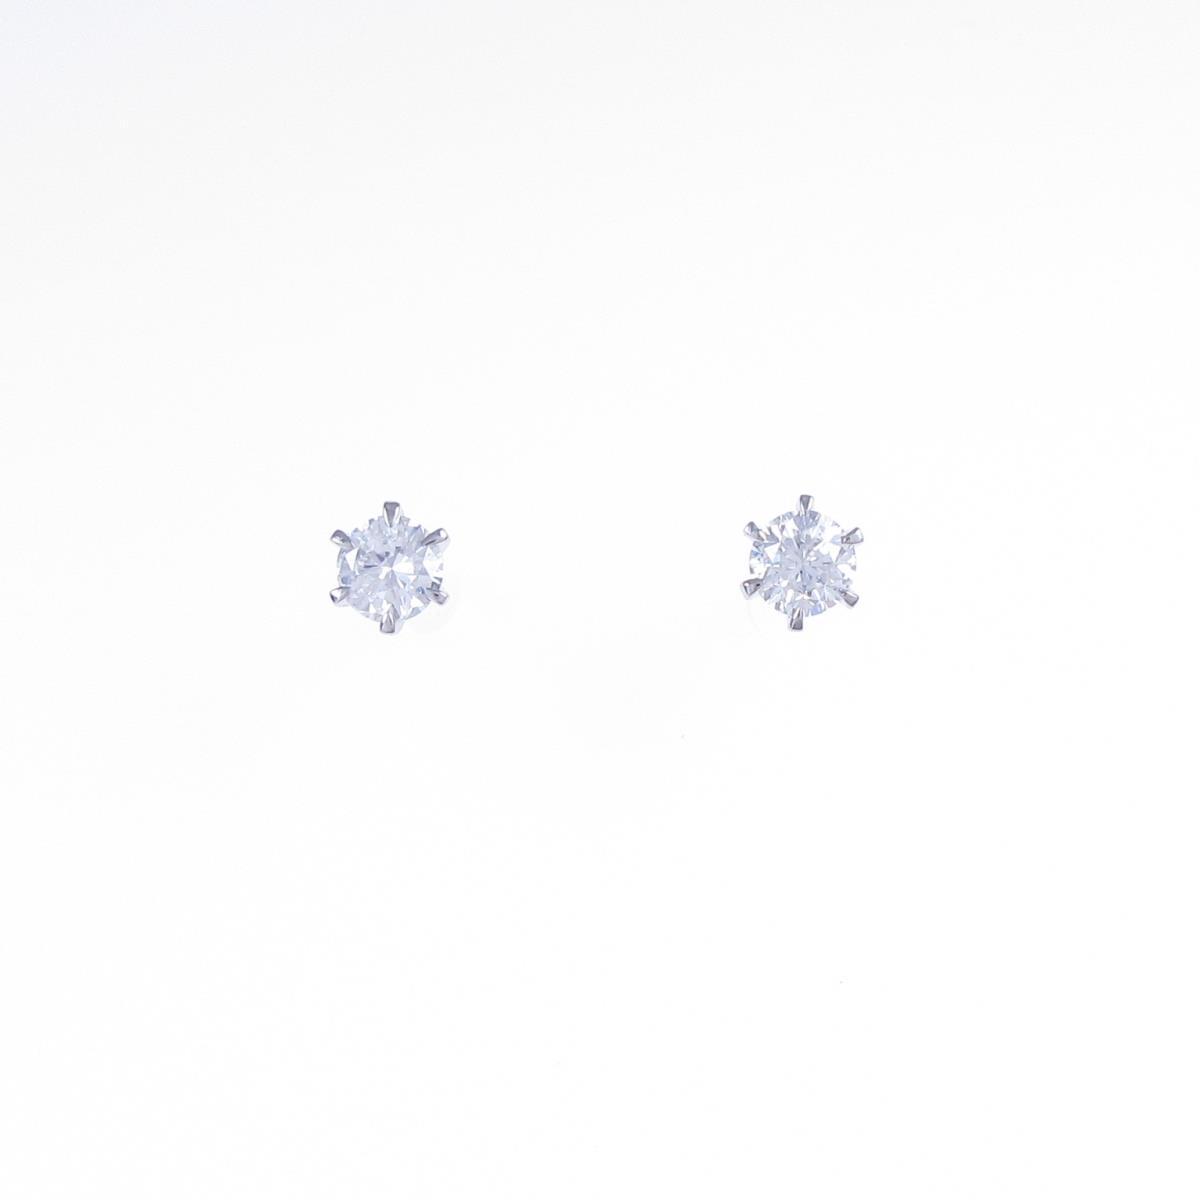 【リメイク】ST/プラチナダイヤモンドピアス 0.241ct・0.271ct・F・VS2・GOOD-FAIR【中古】